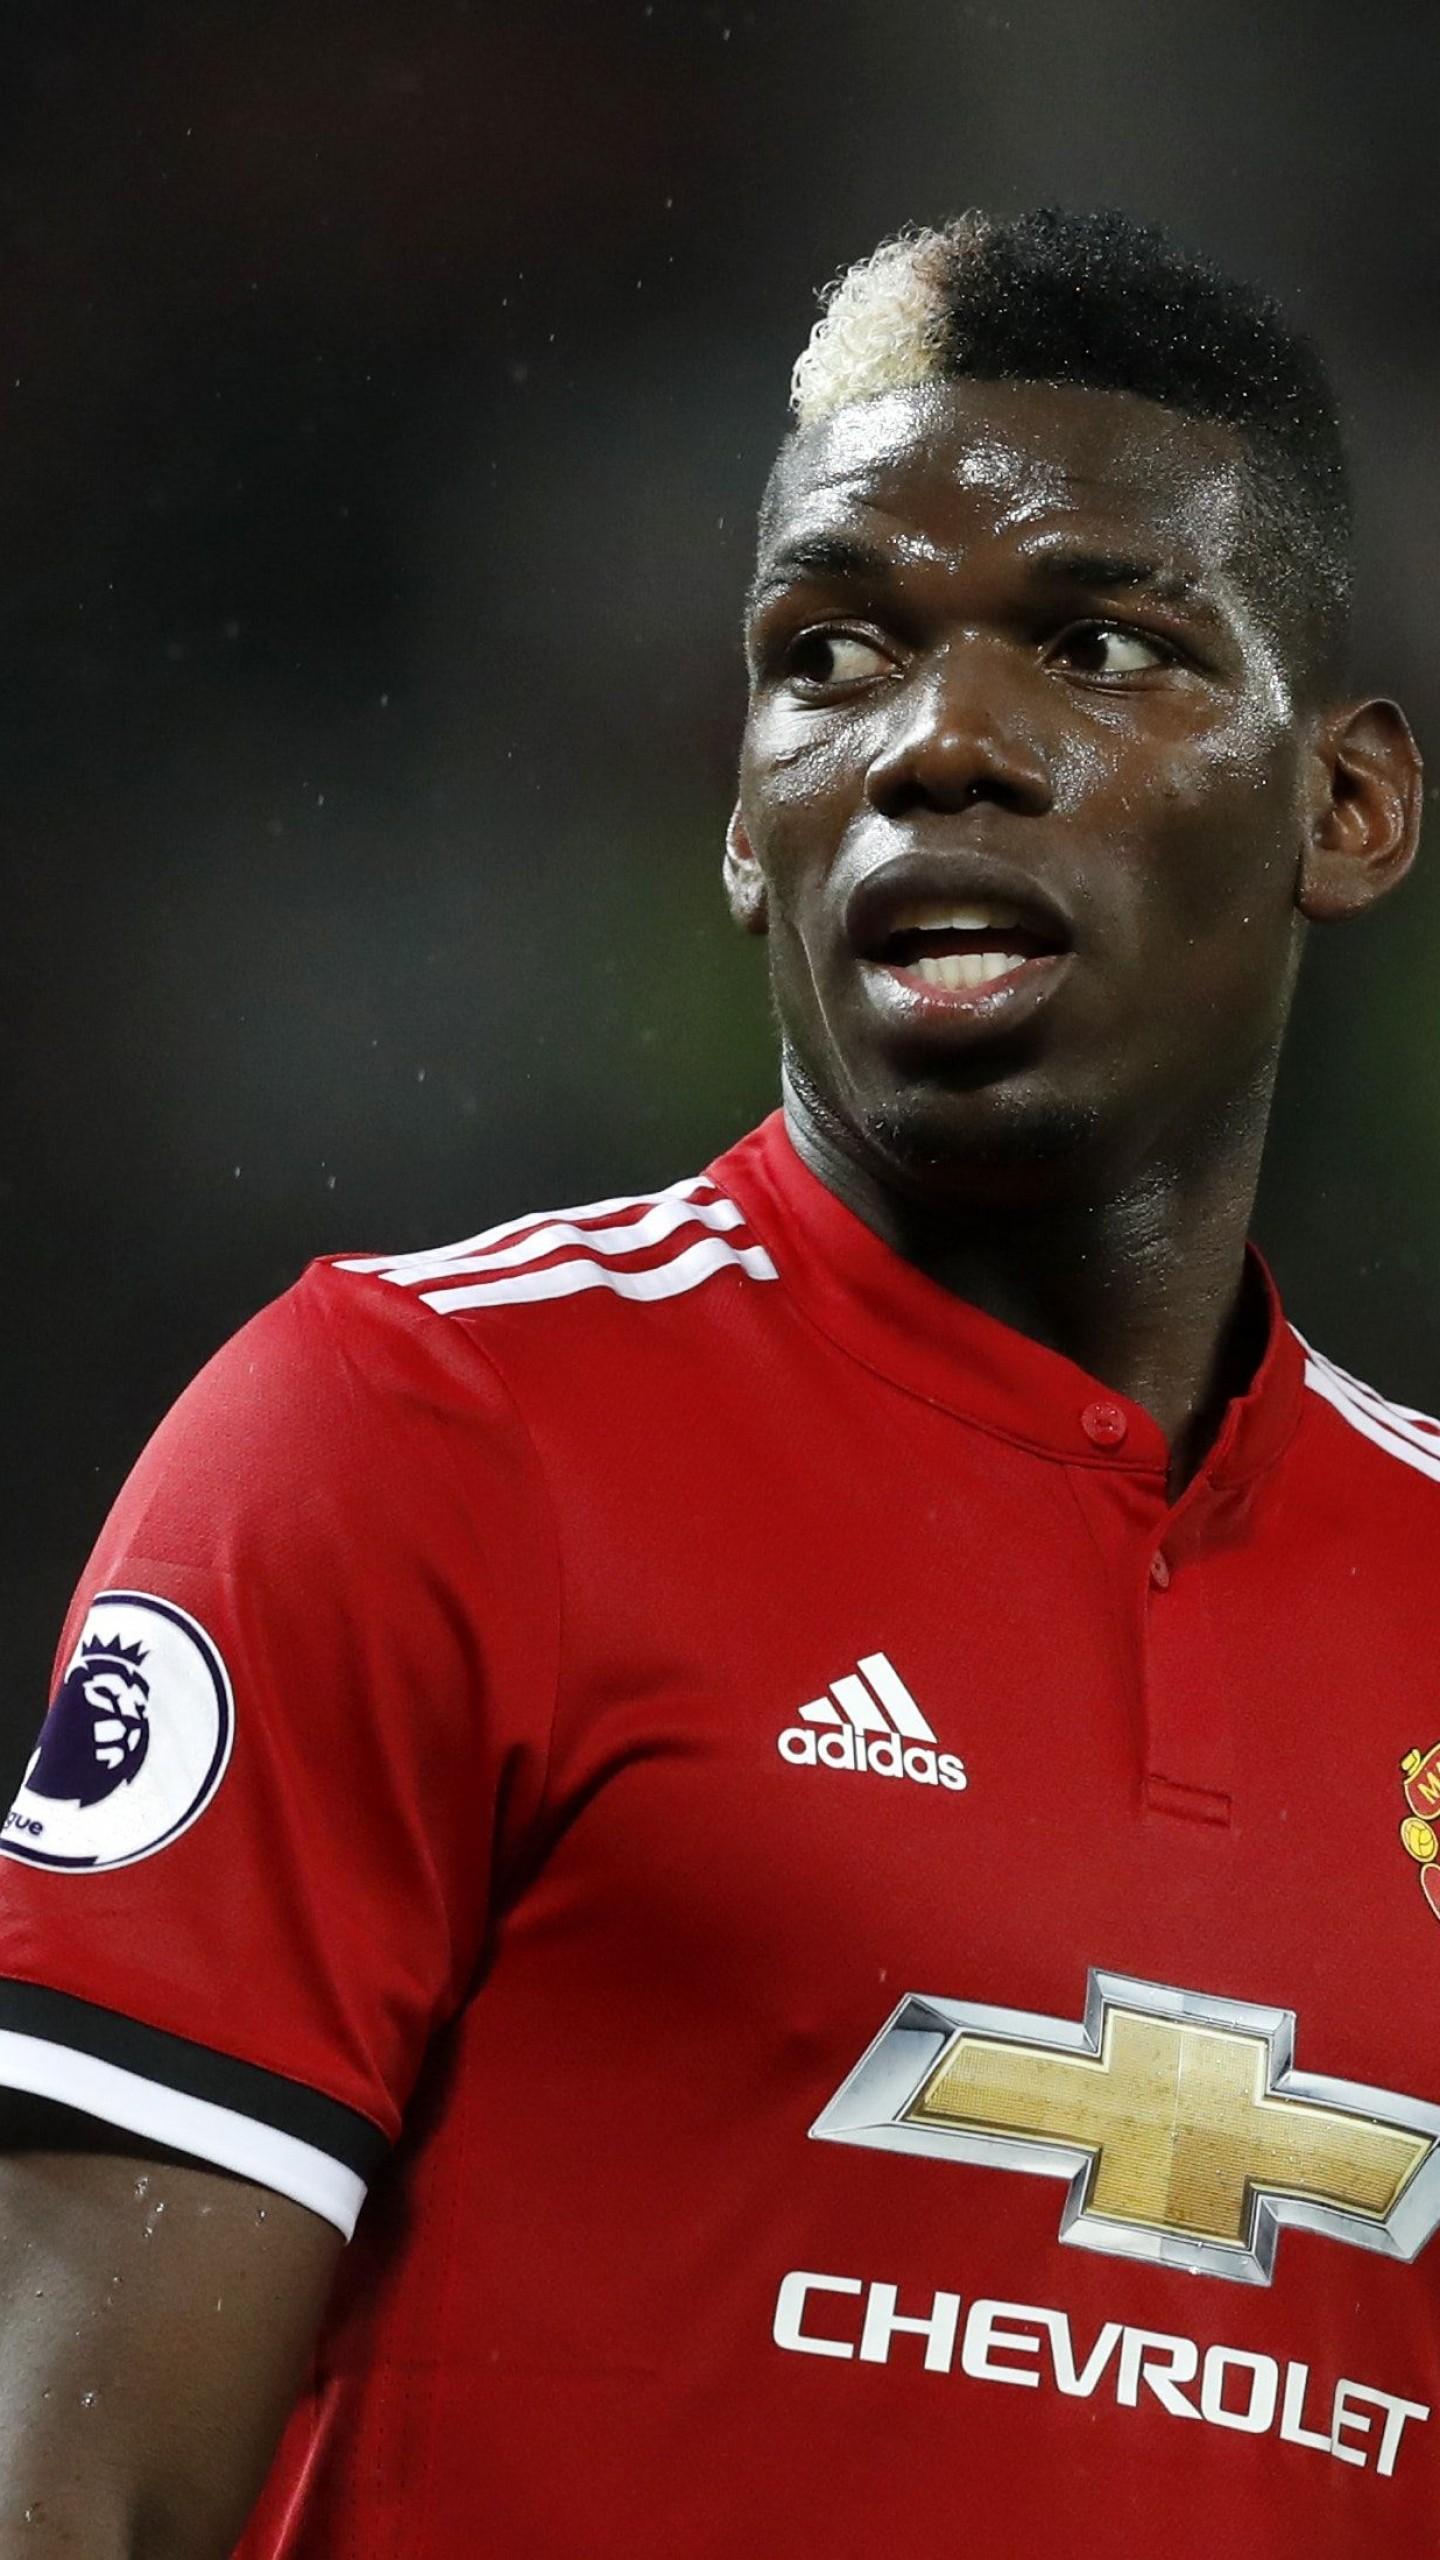 Wallpaper Paul Pogba, Manchester United, soccer, 4K, Sport ...